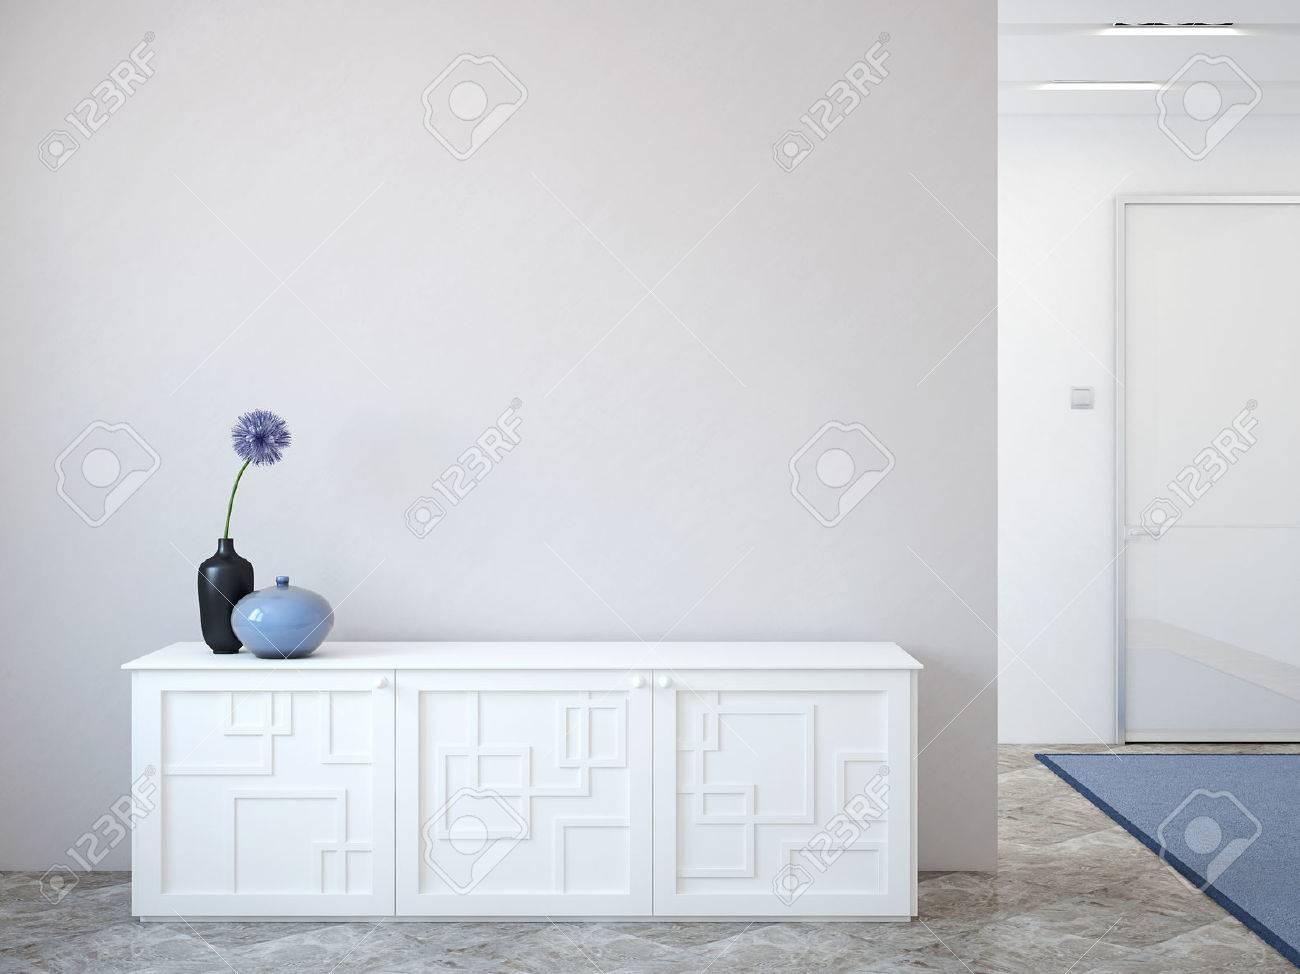 Moderner Flur Mit Kommode In Der Nahe Von Leere Graue Wand